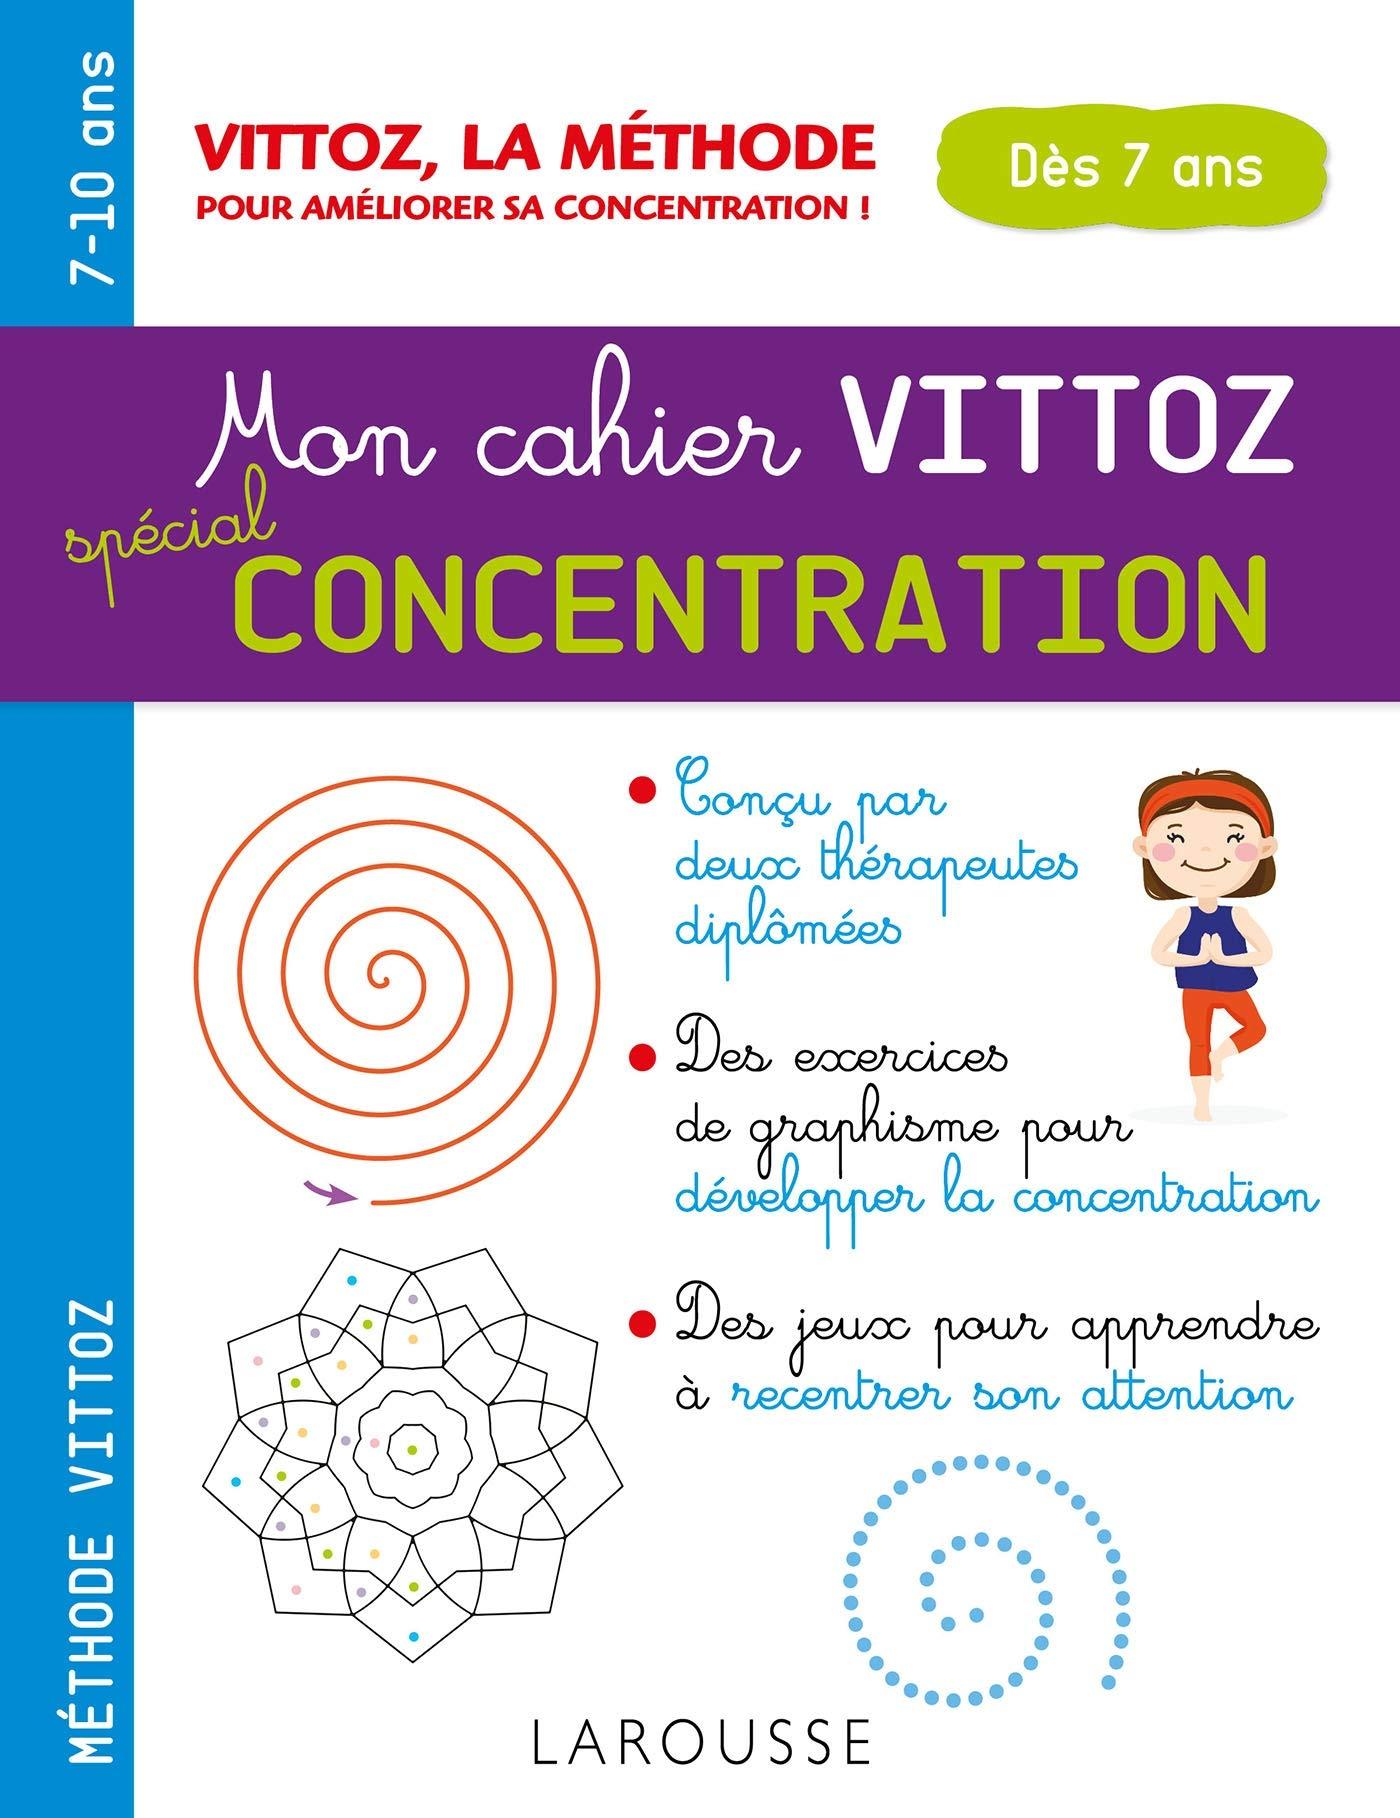 Mon cahier Vittoz, spécial concentration (dès 7 ans)